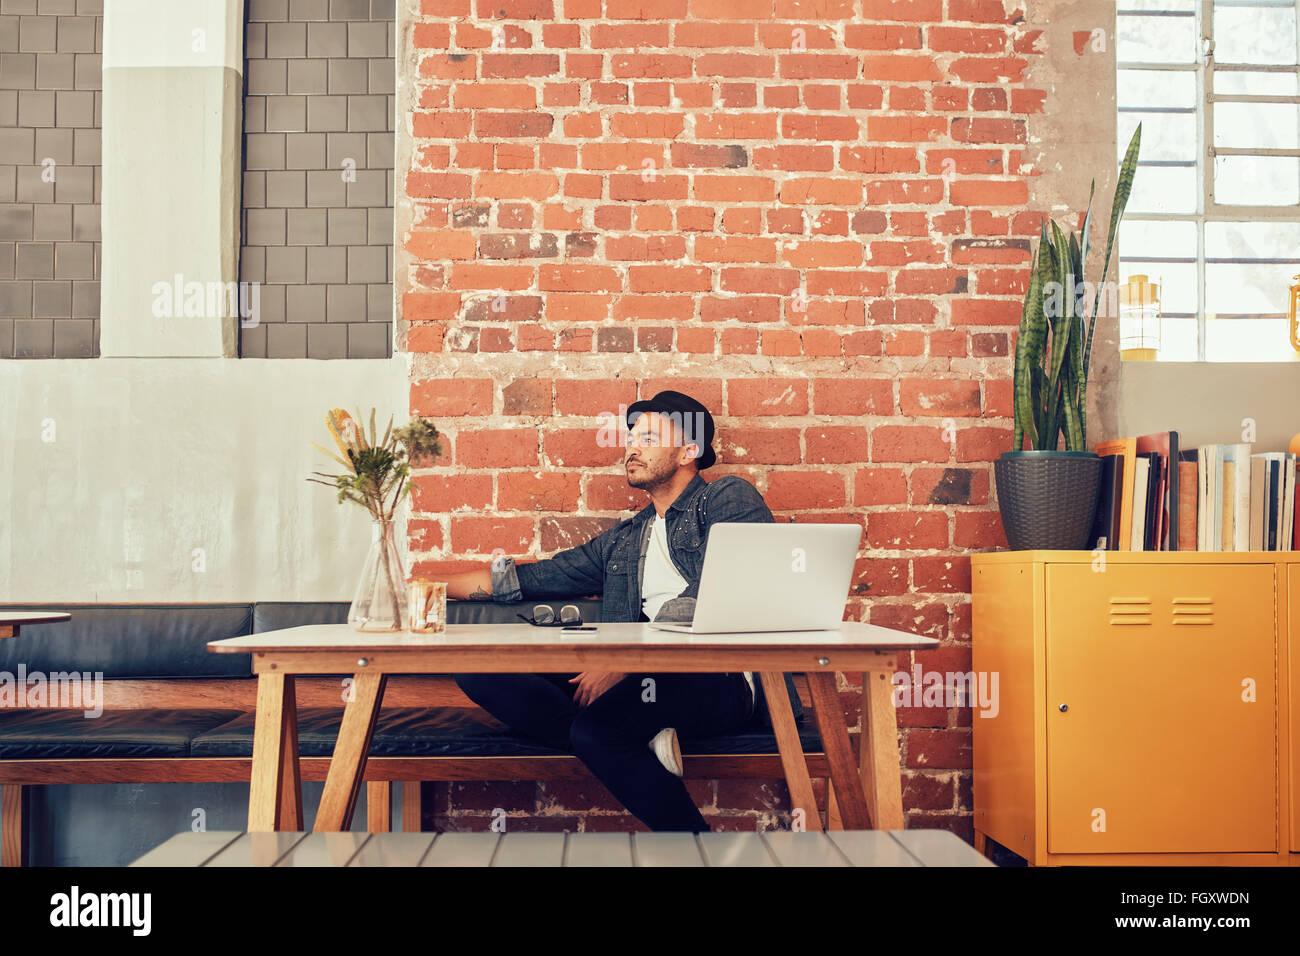 Ritratto di giovane uomo seduto da solo ad un cafe con computer portatile sul tavolo. Uomo caucasico in attesa che Immagini Stock